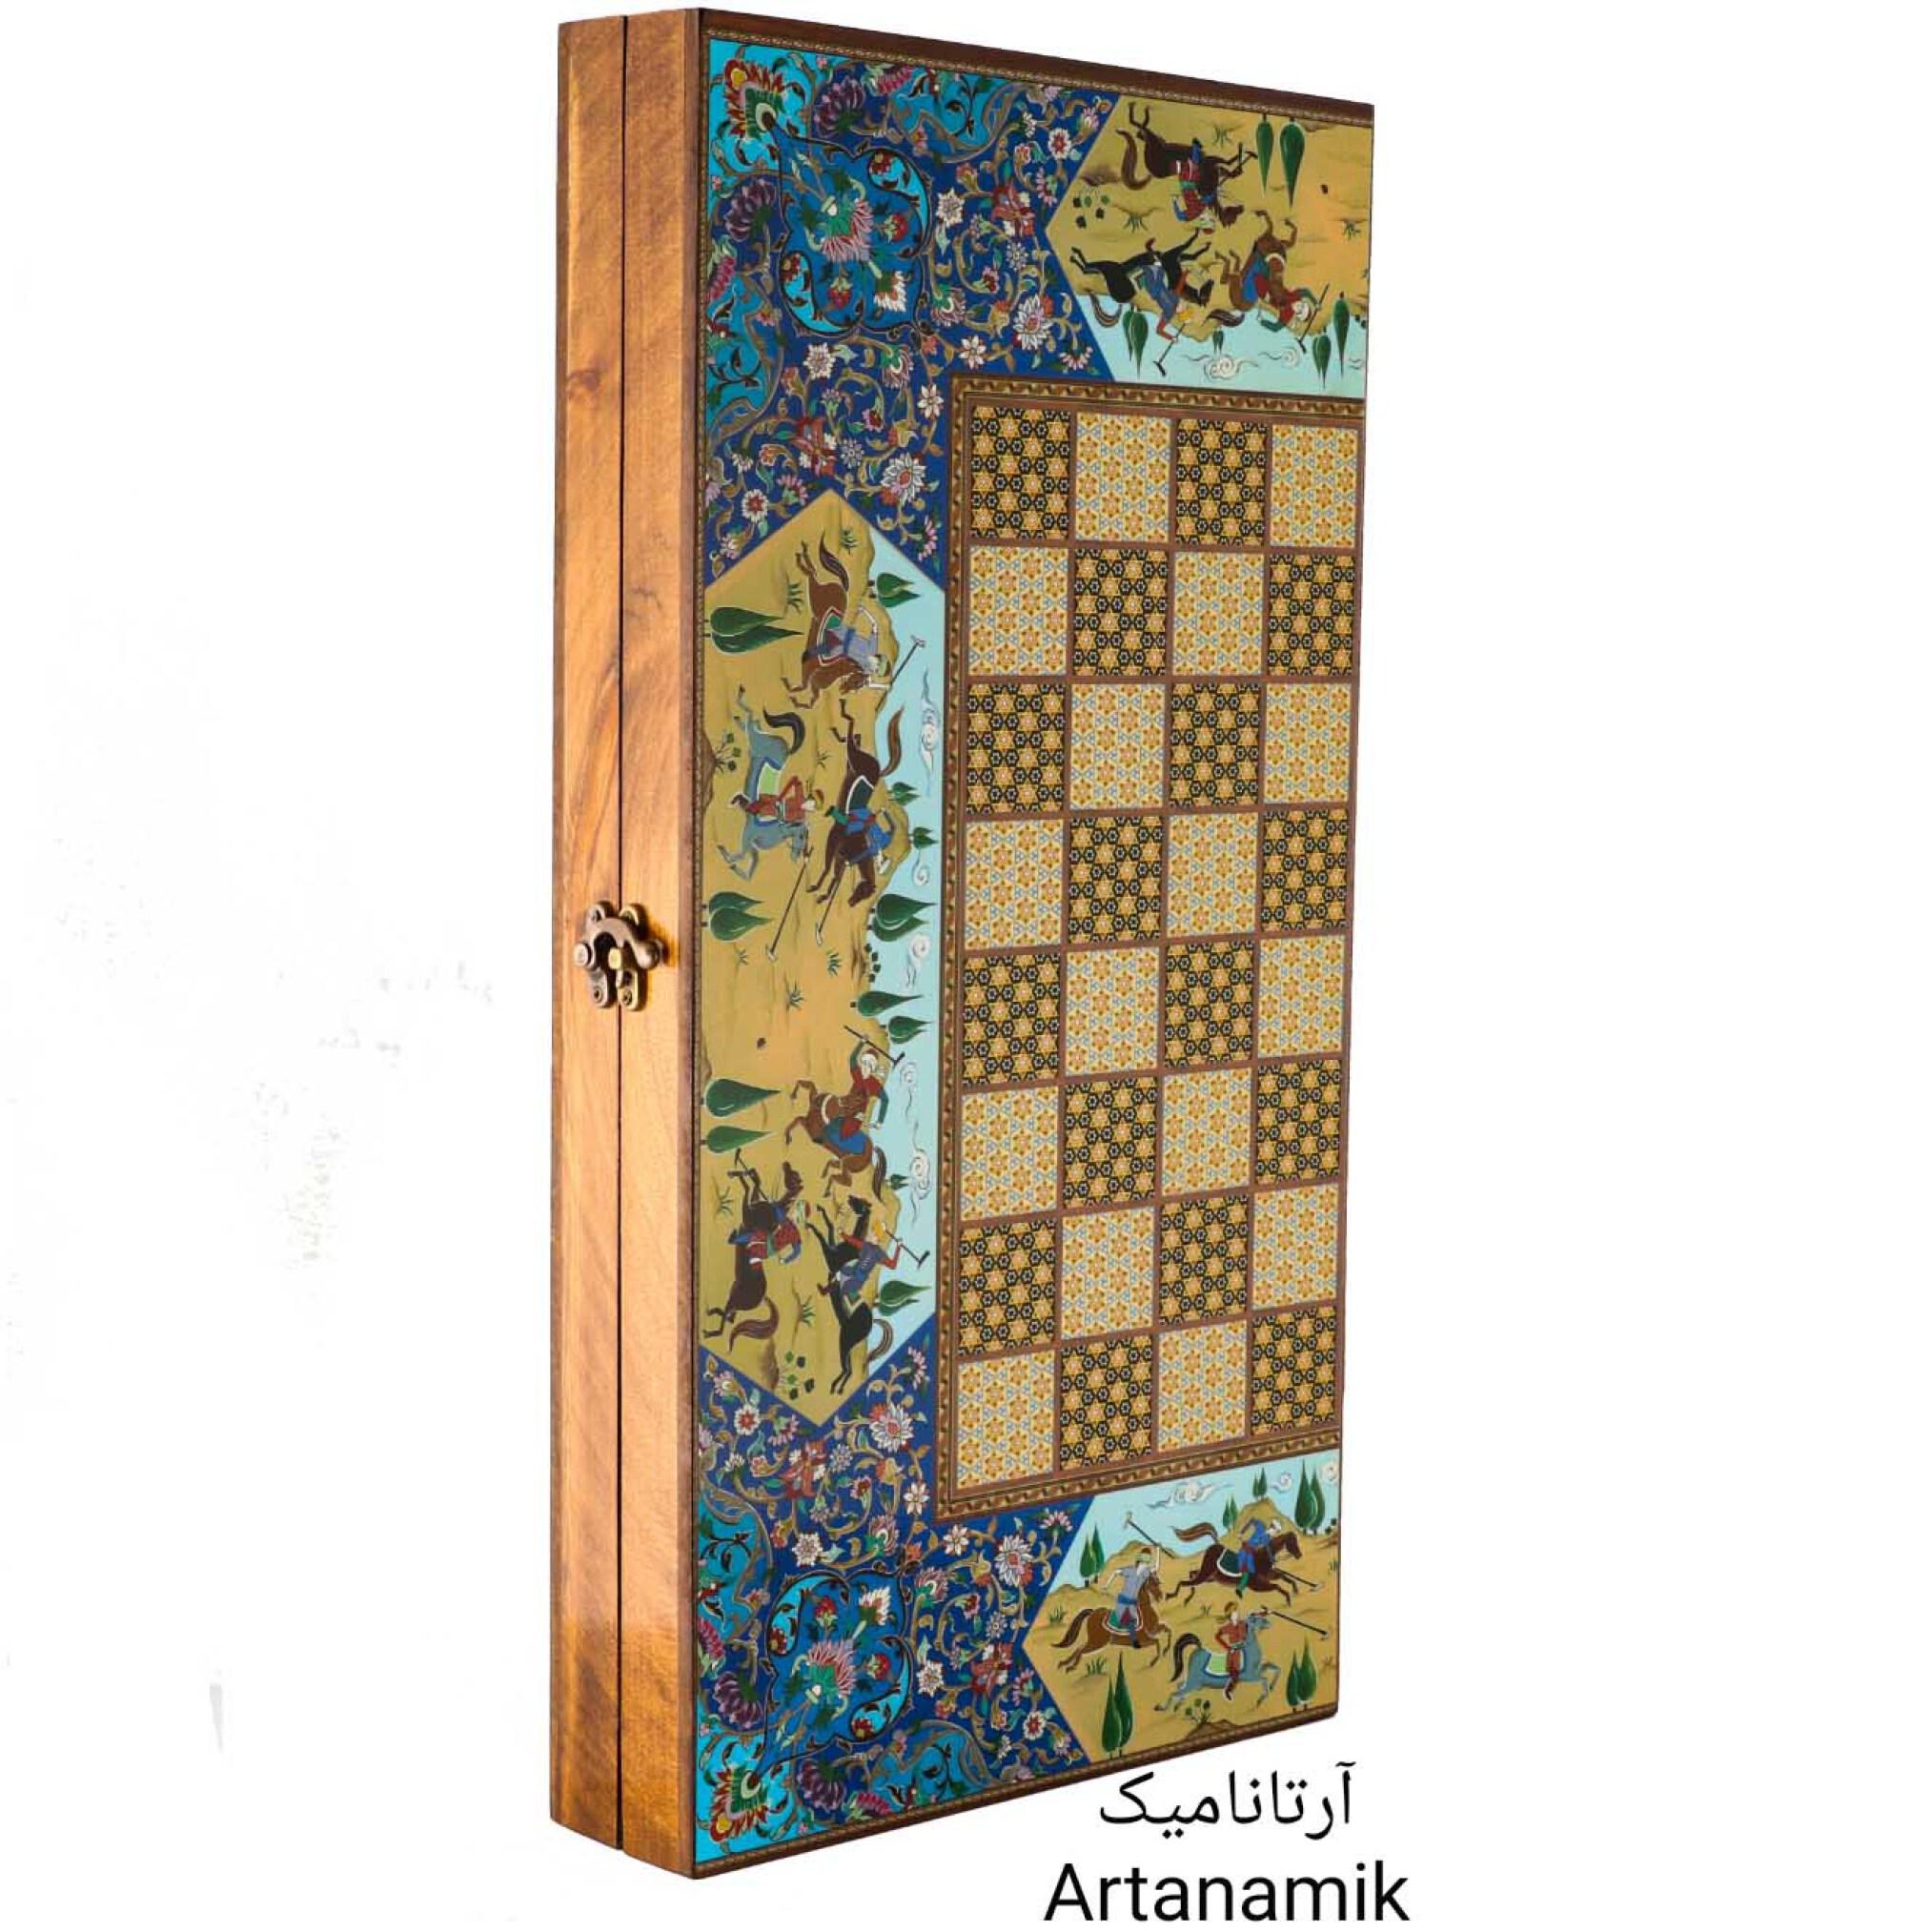 تخته نرد و شطرنج طرح خاتم چوگان آبی، تخته نرد کادویی و تخته نرد نفیس از جنس چوب روس